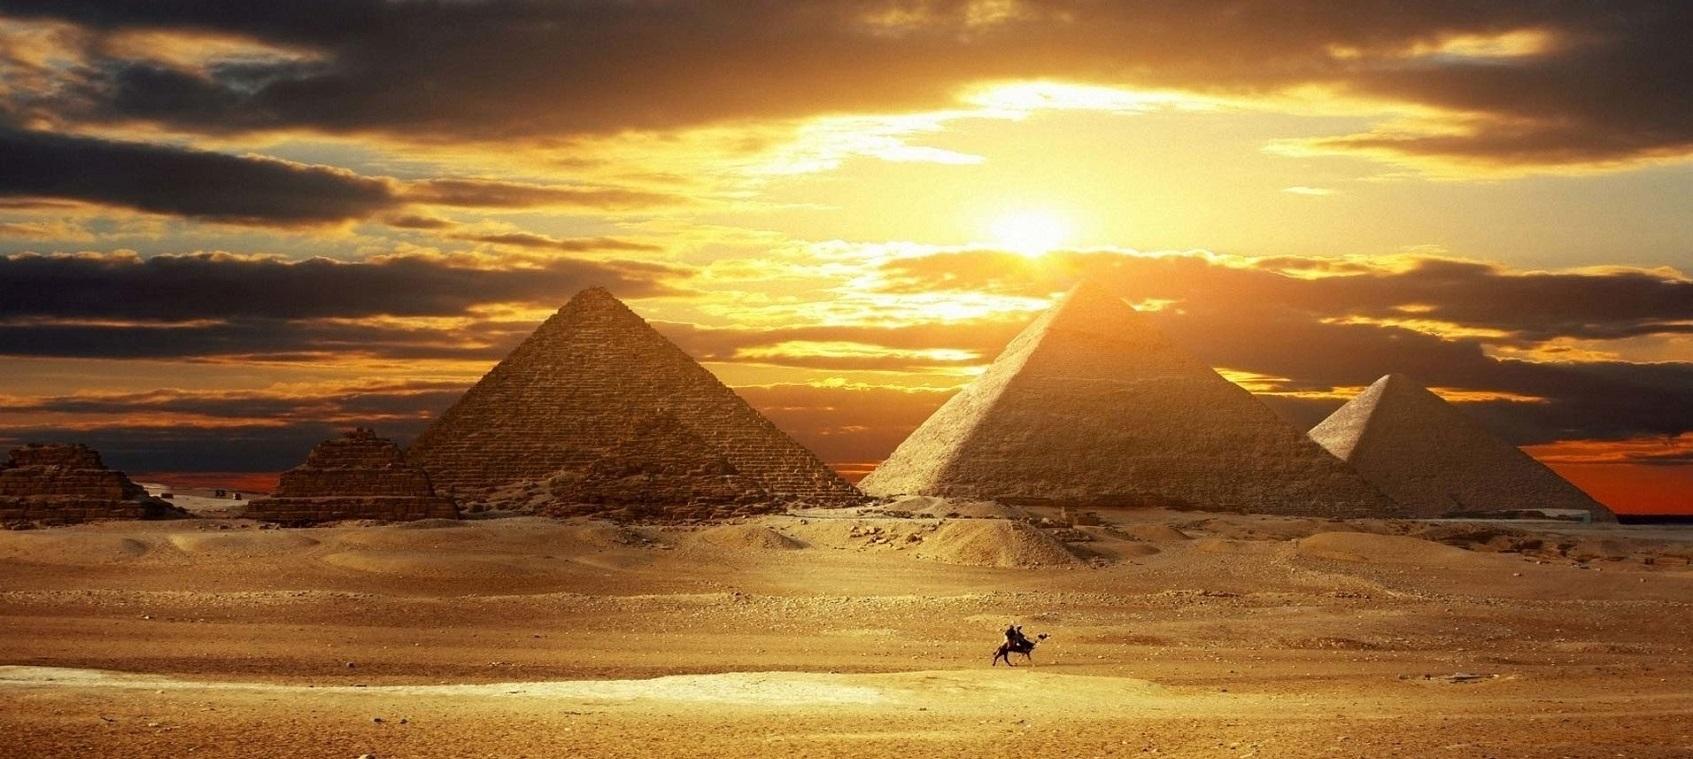 اهرام مصر ؛ باشکوه ترین معمای تاریخ